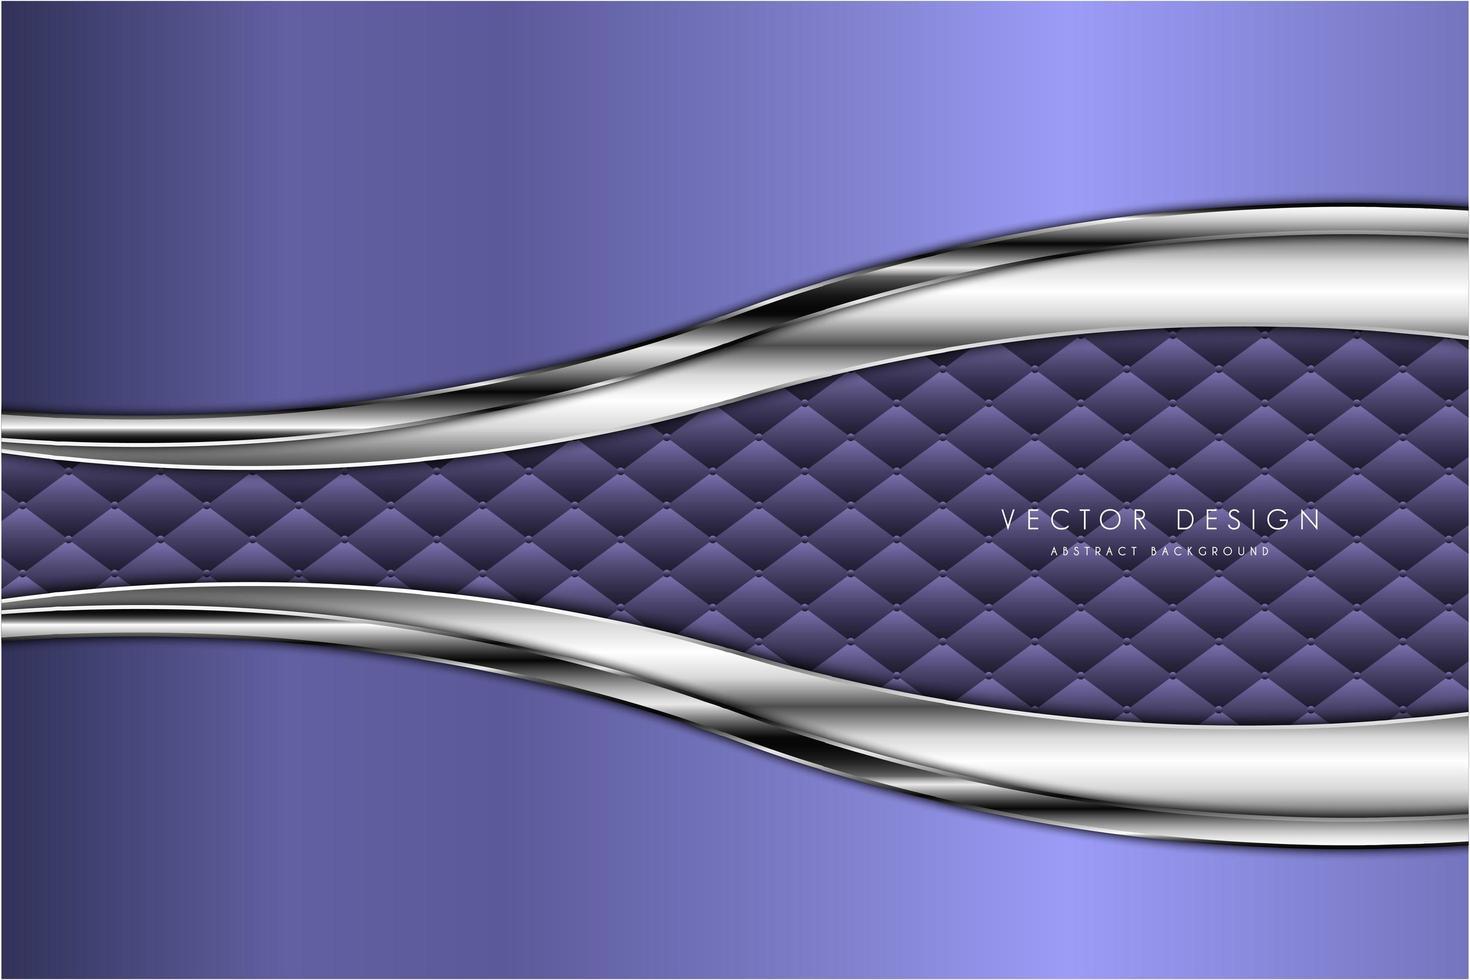 fond métallique moderne argent et violet vecteur